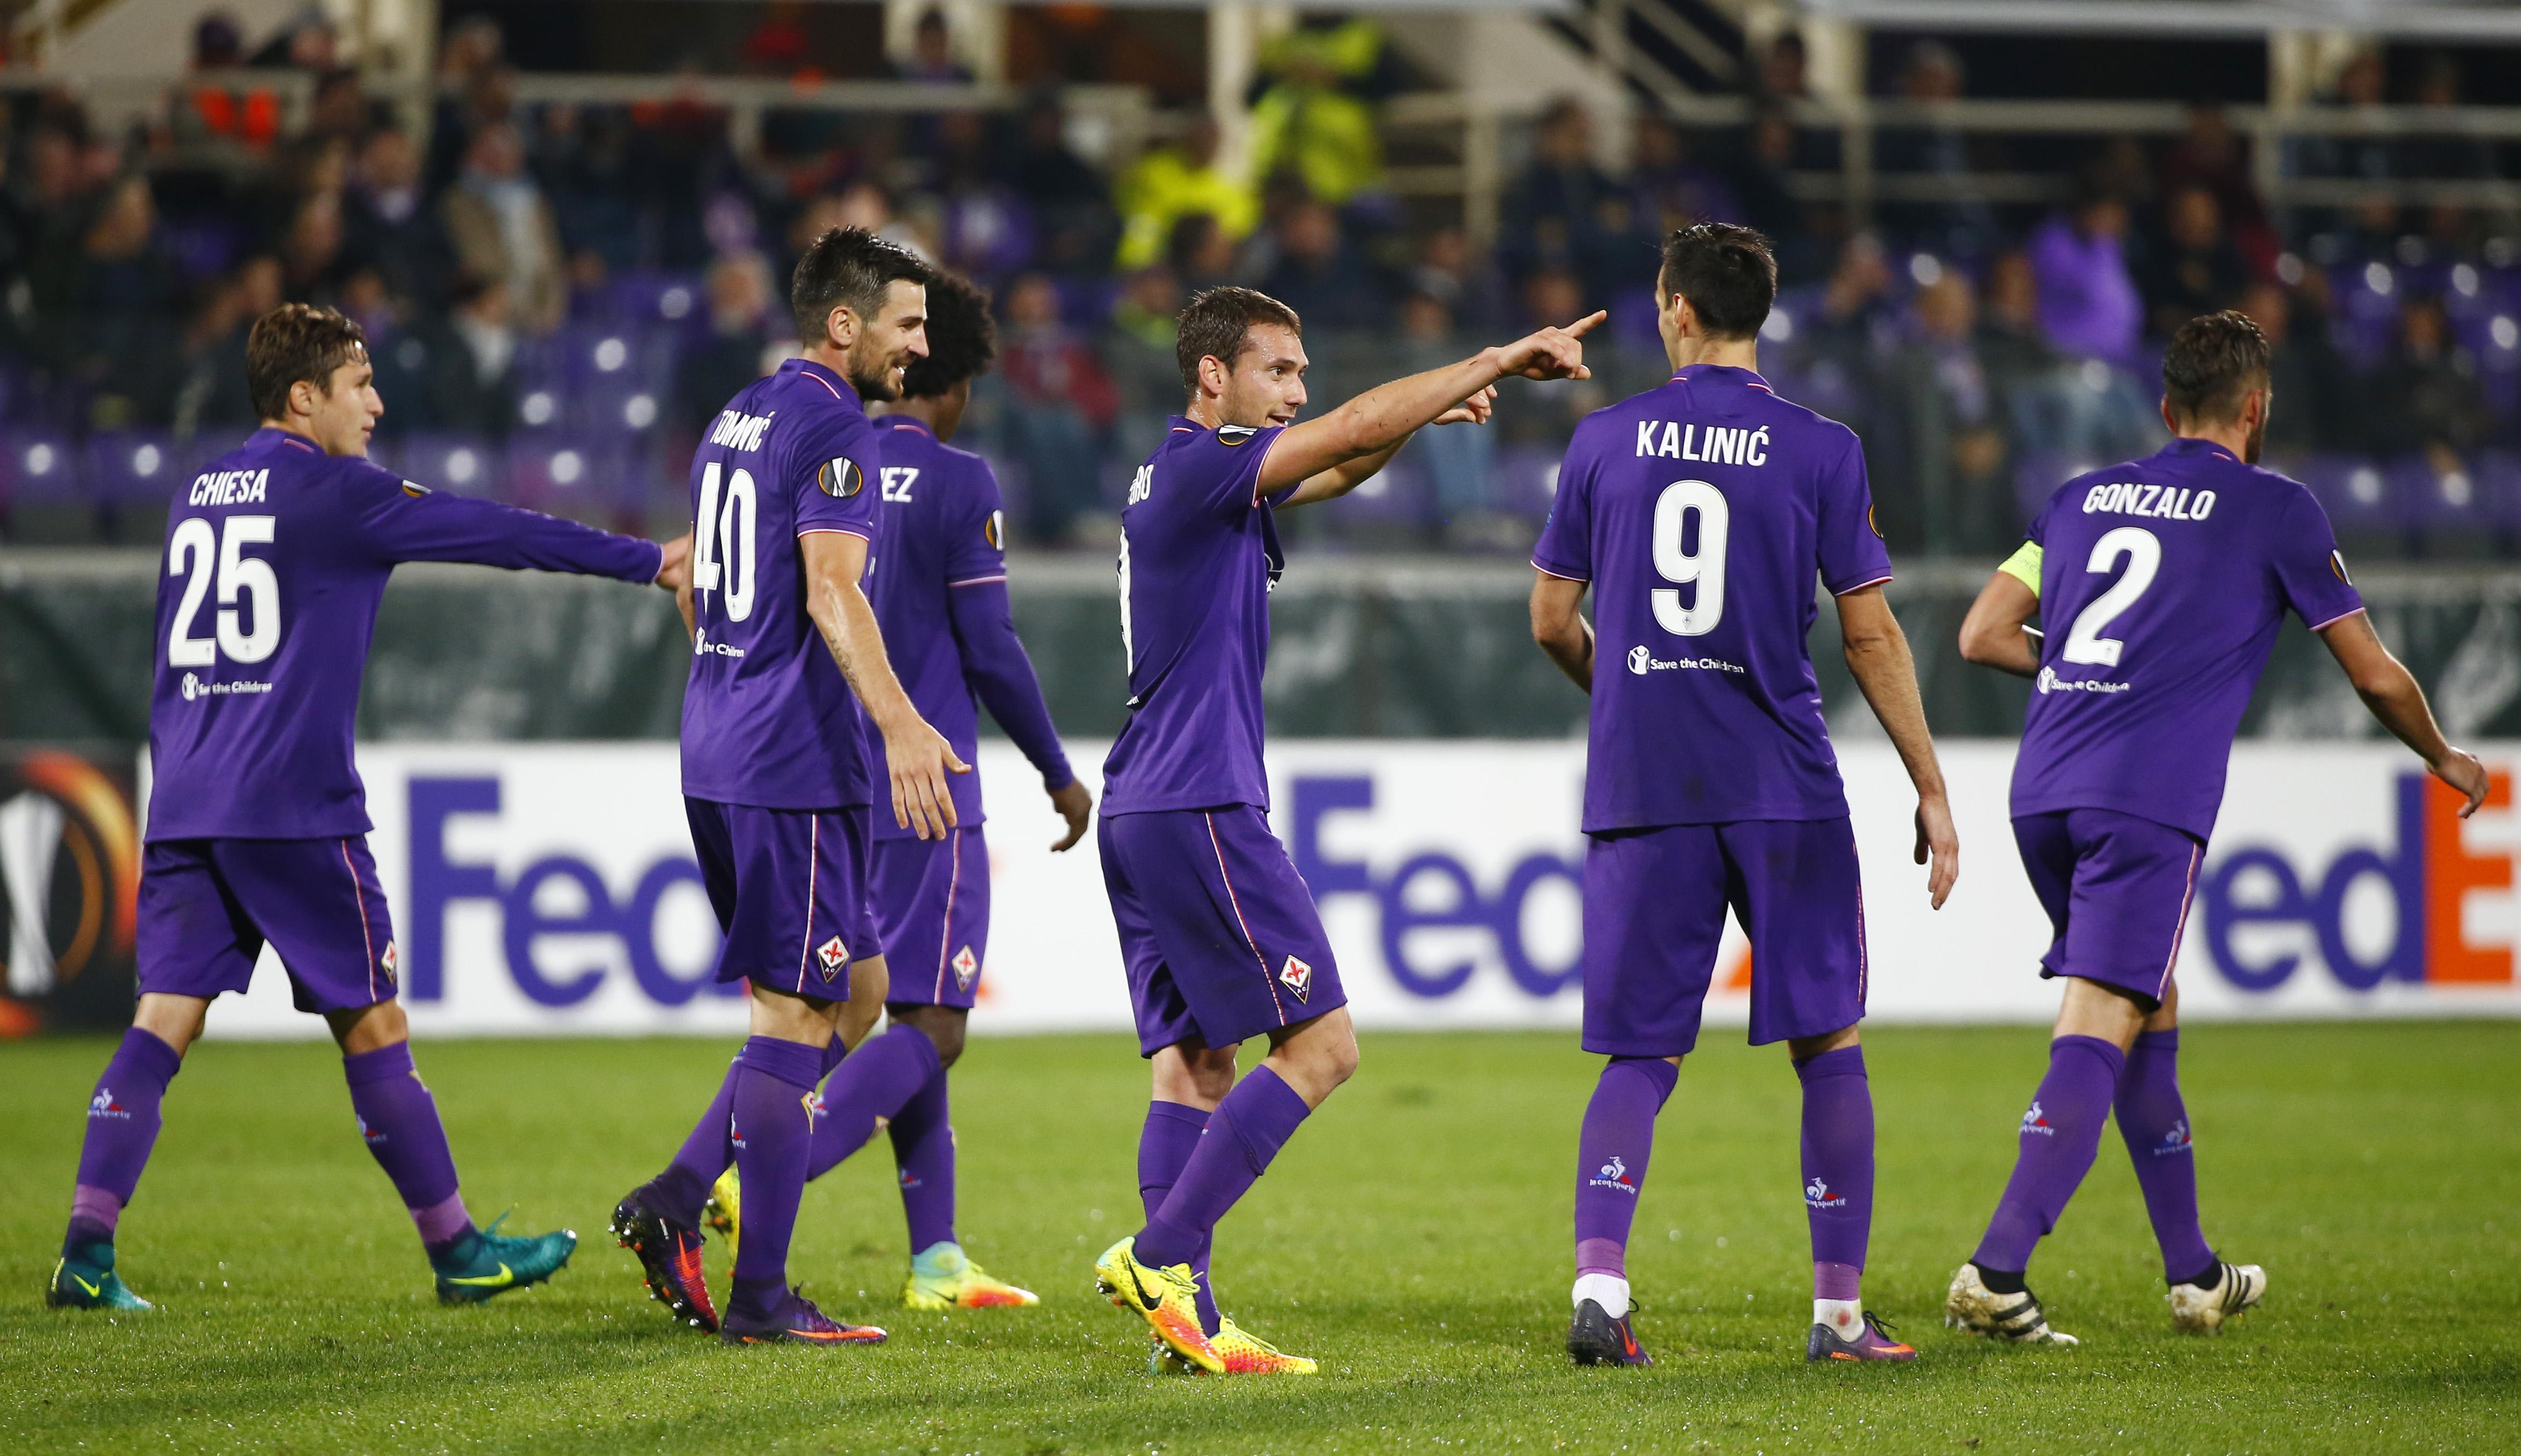 Fiorentina's Sebastian Cristoforo celebrates scoring their third goal with teammates